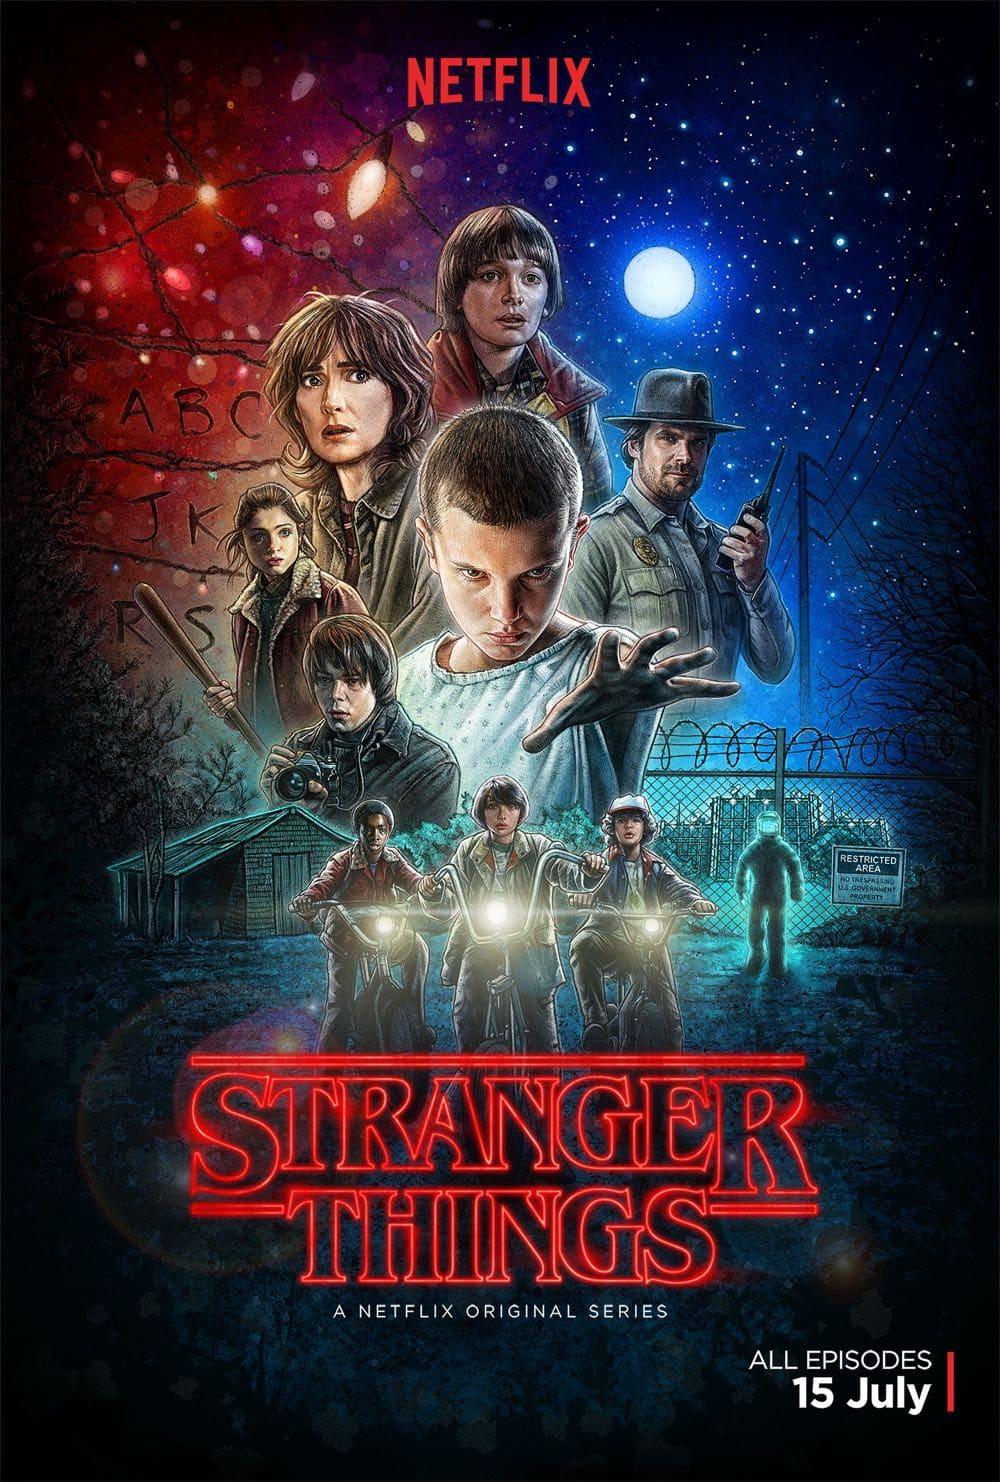 STRANGER THINGS Poster Key Art 1